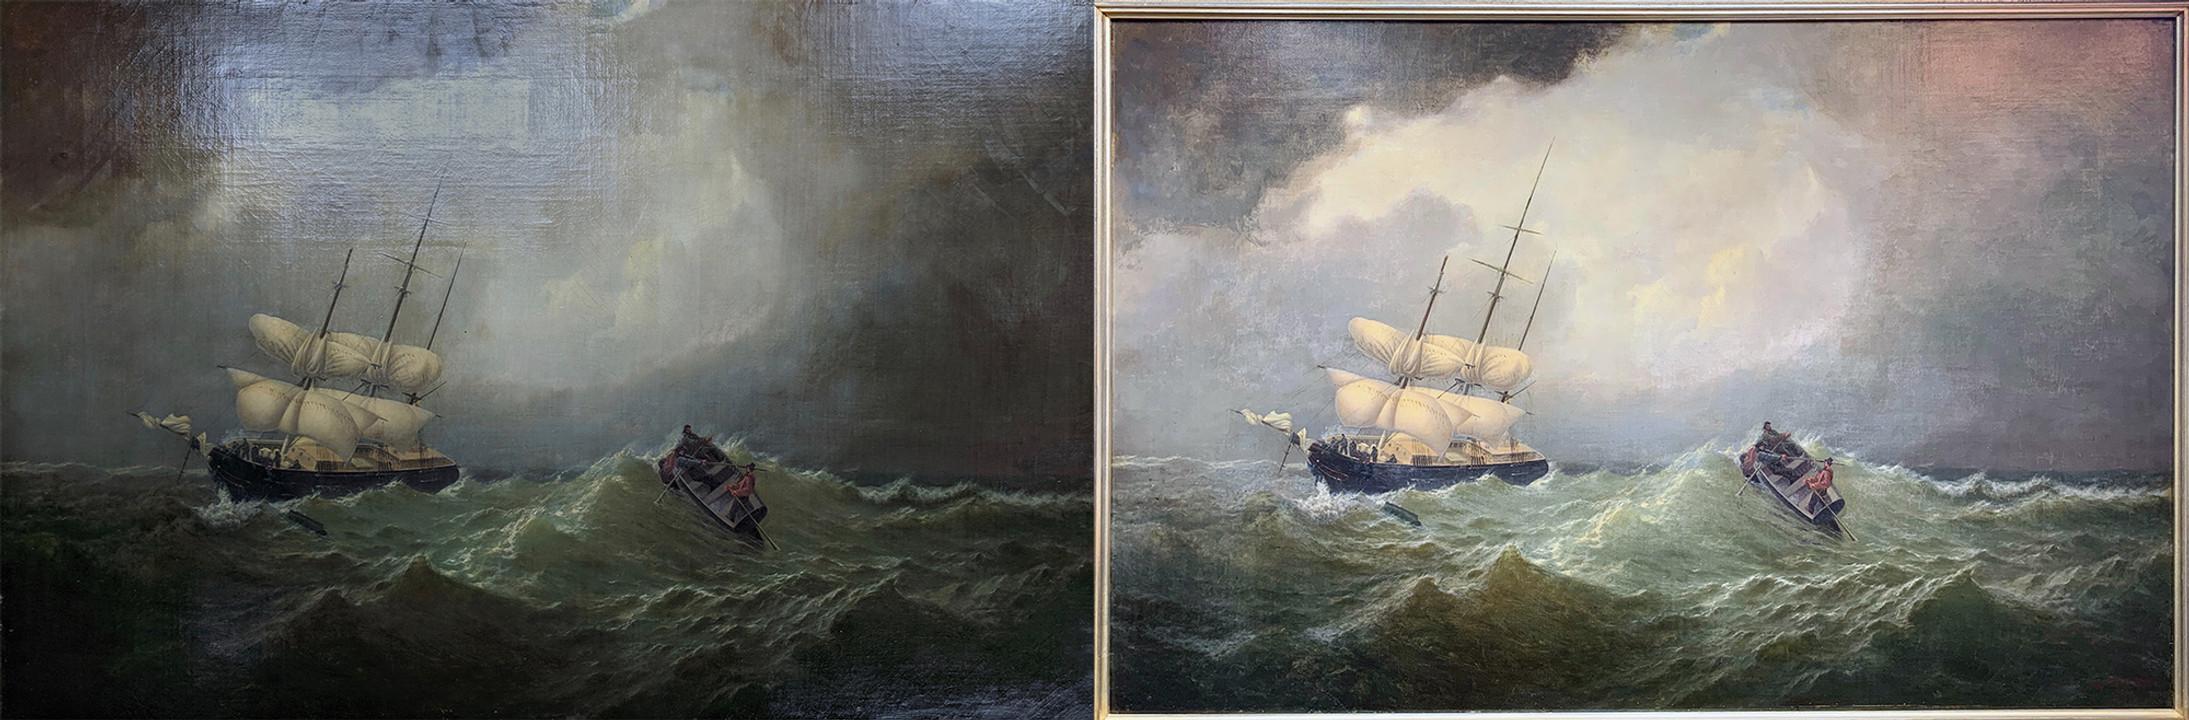 Ship at Sea.jpg